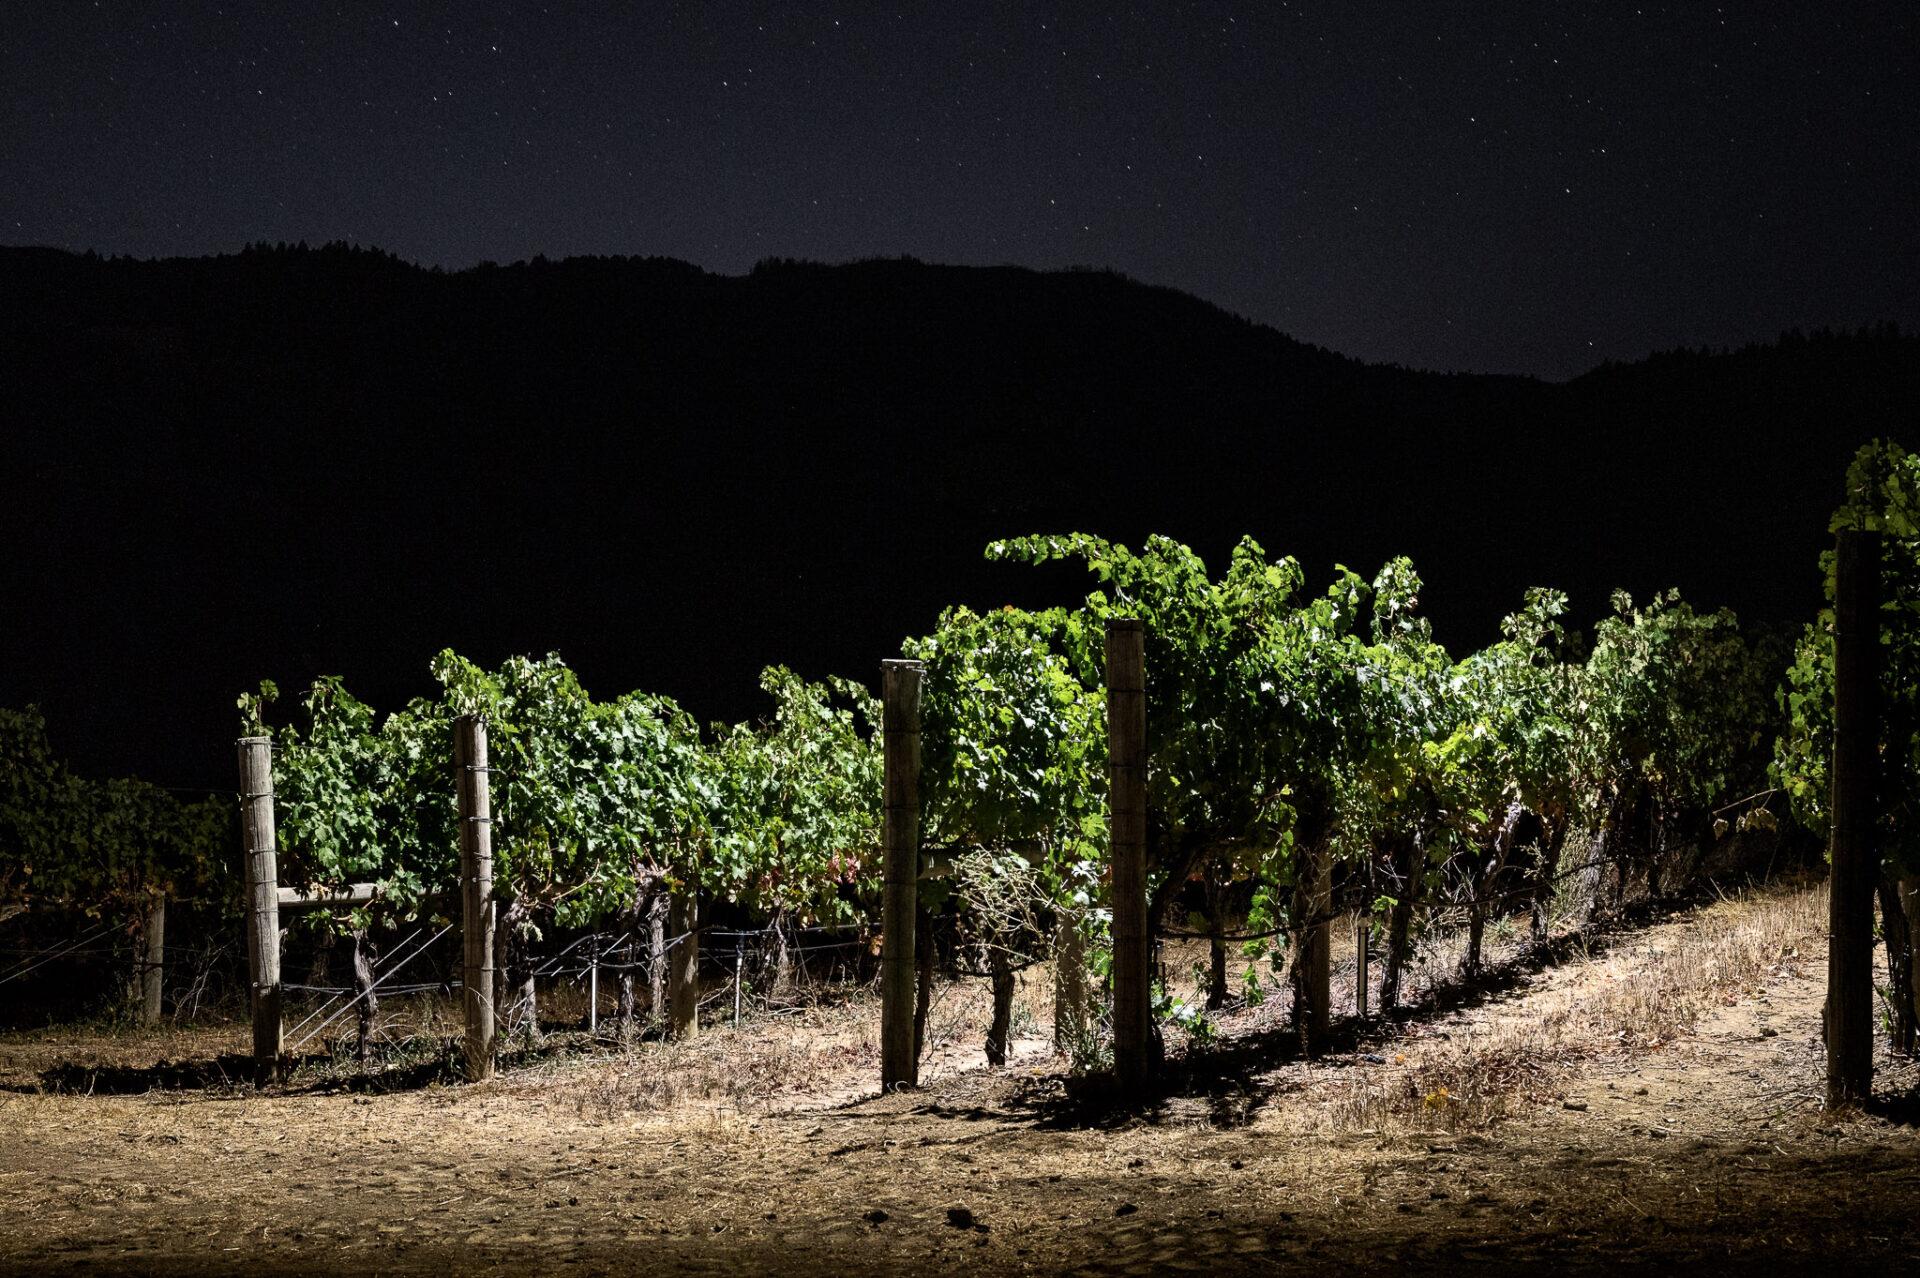 Brandlin estate vineyard at night